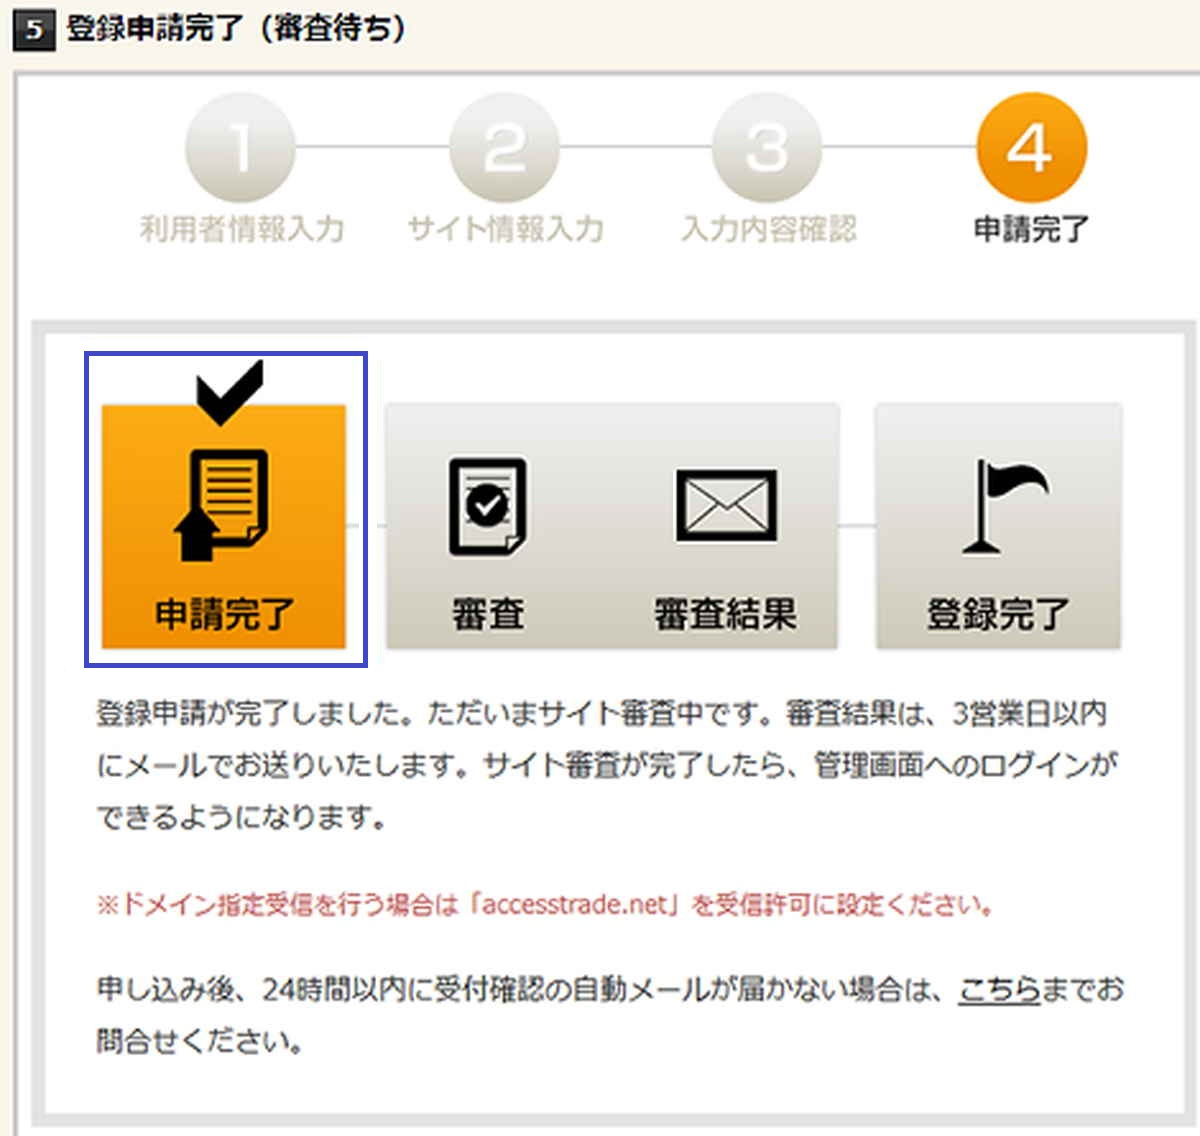 アクセストレードの登録4